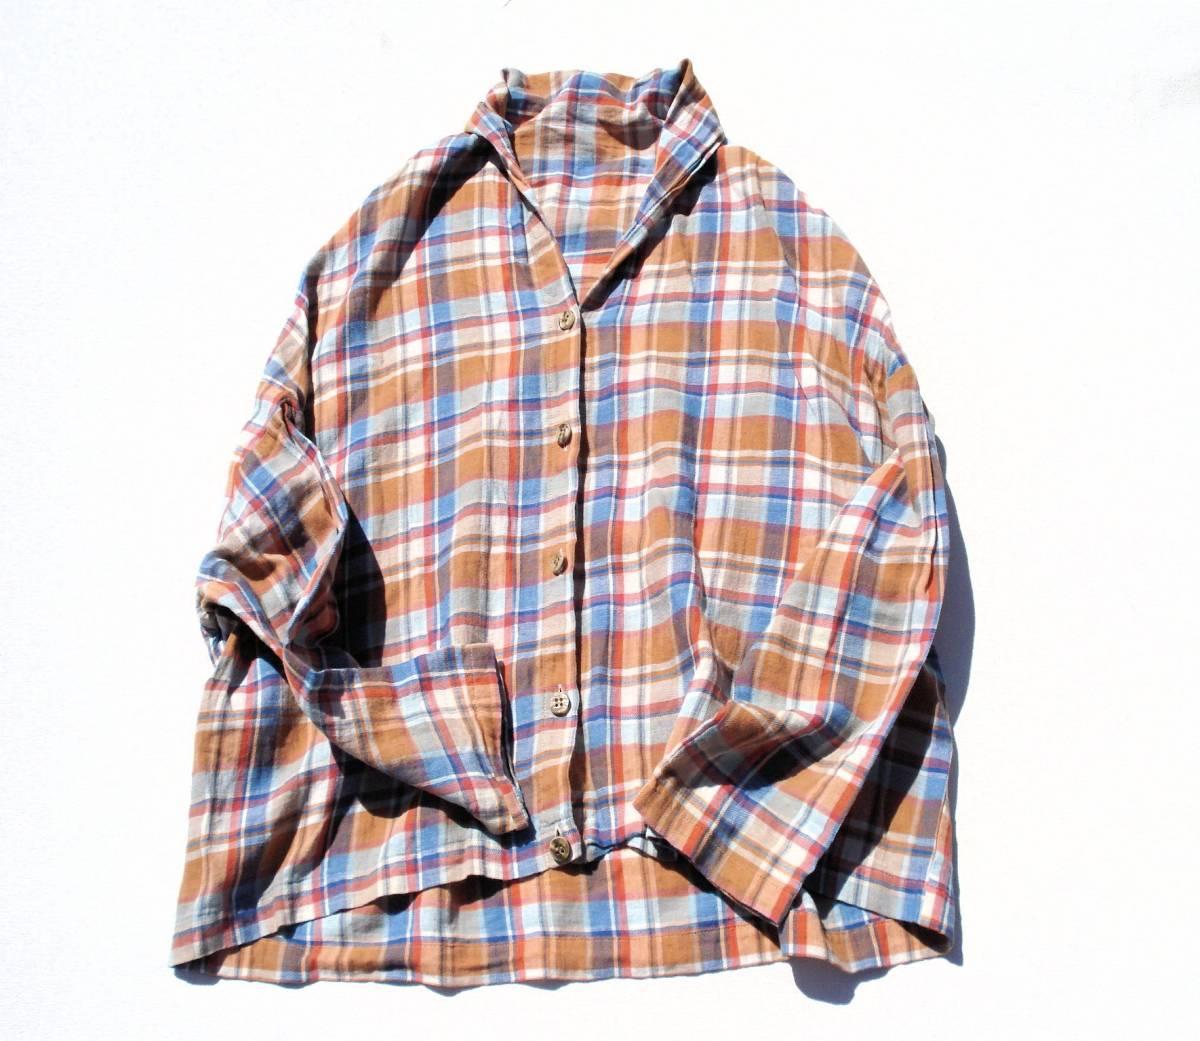 ◆美品♪JOURNAL STANDARD ジャーナルスタンダード◆おしゃれな変形♪ワイド 綿麻 ツイル チェック柄 ビッグ2WAYシャツ ブラウス♪☆y9_画像6